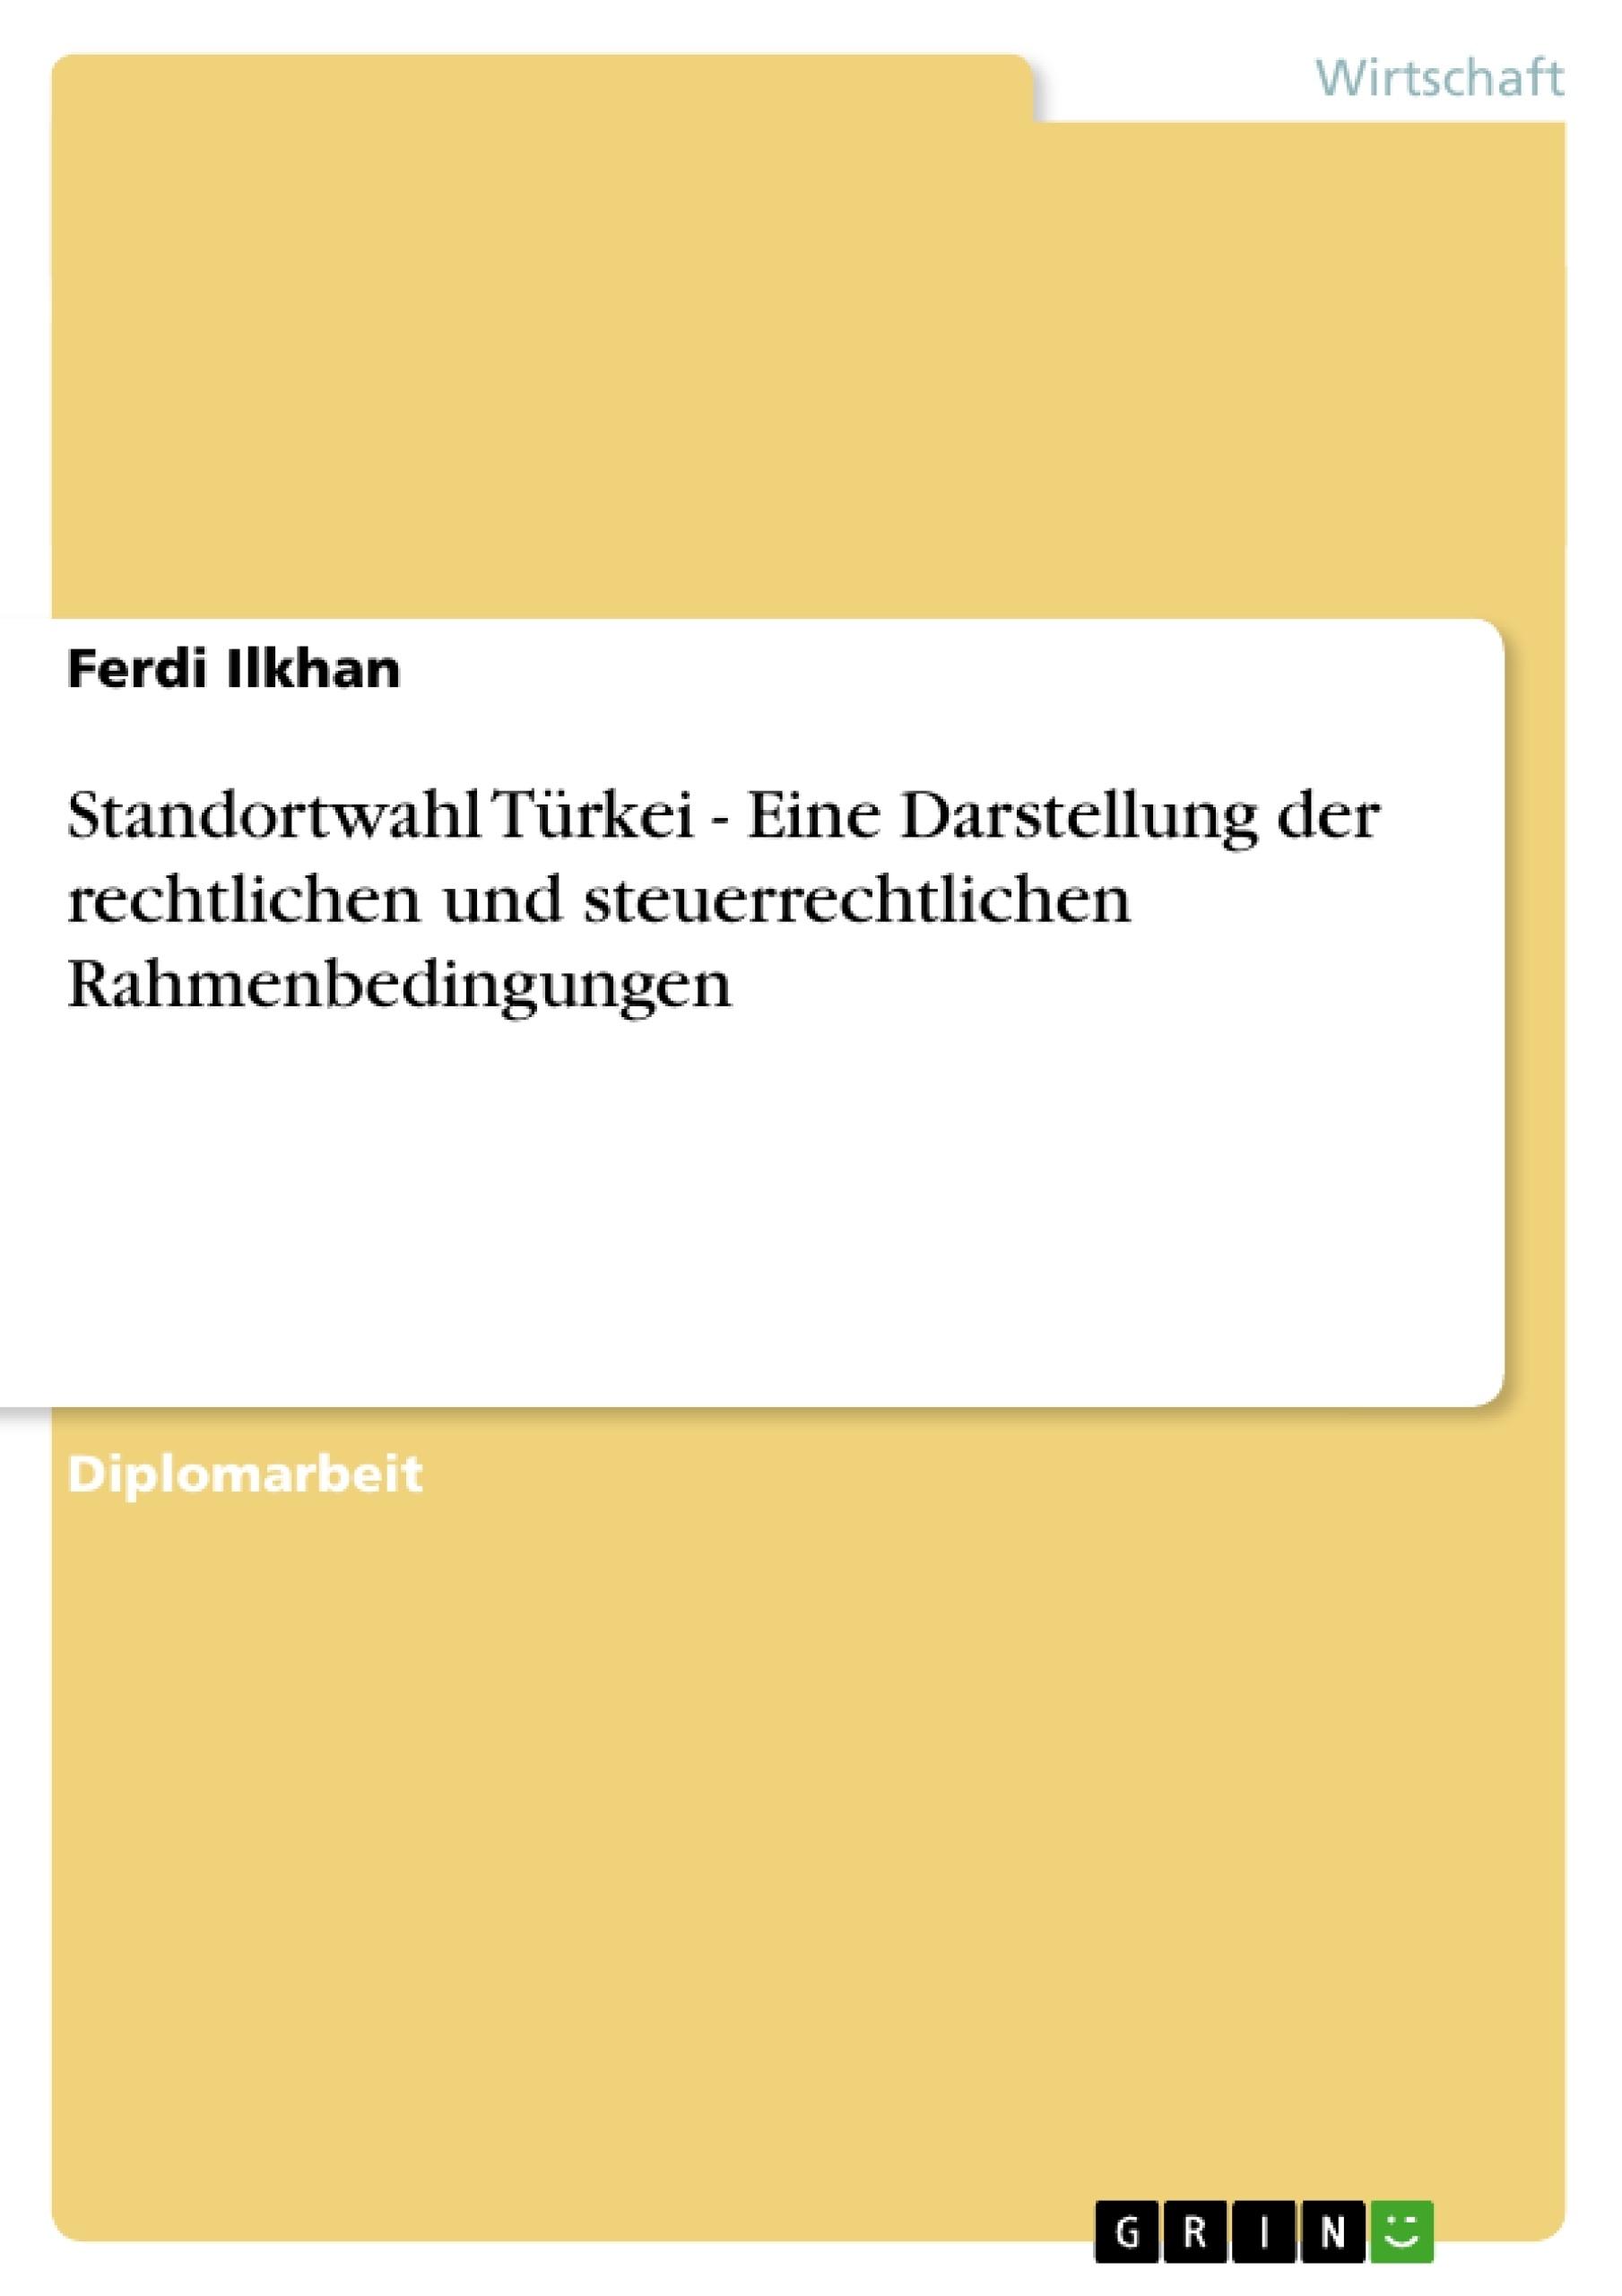 Titel: Standortwahl Türkei - Eine Darstellung der rechtlichen und steuerrechtlichen Rahmenbedingungen